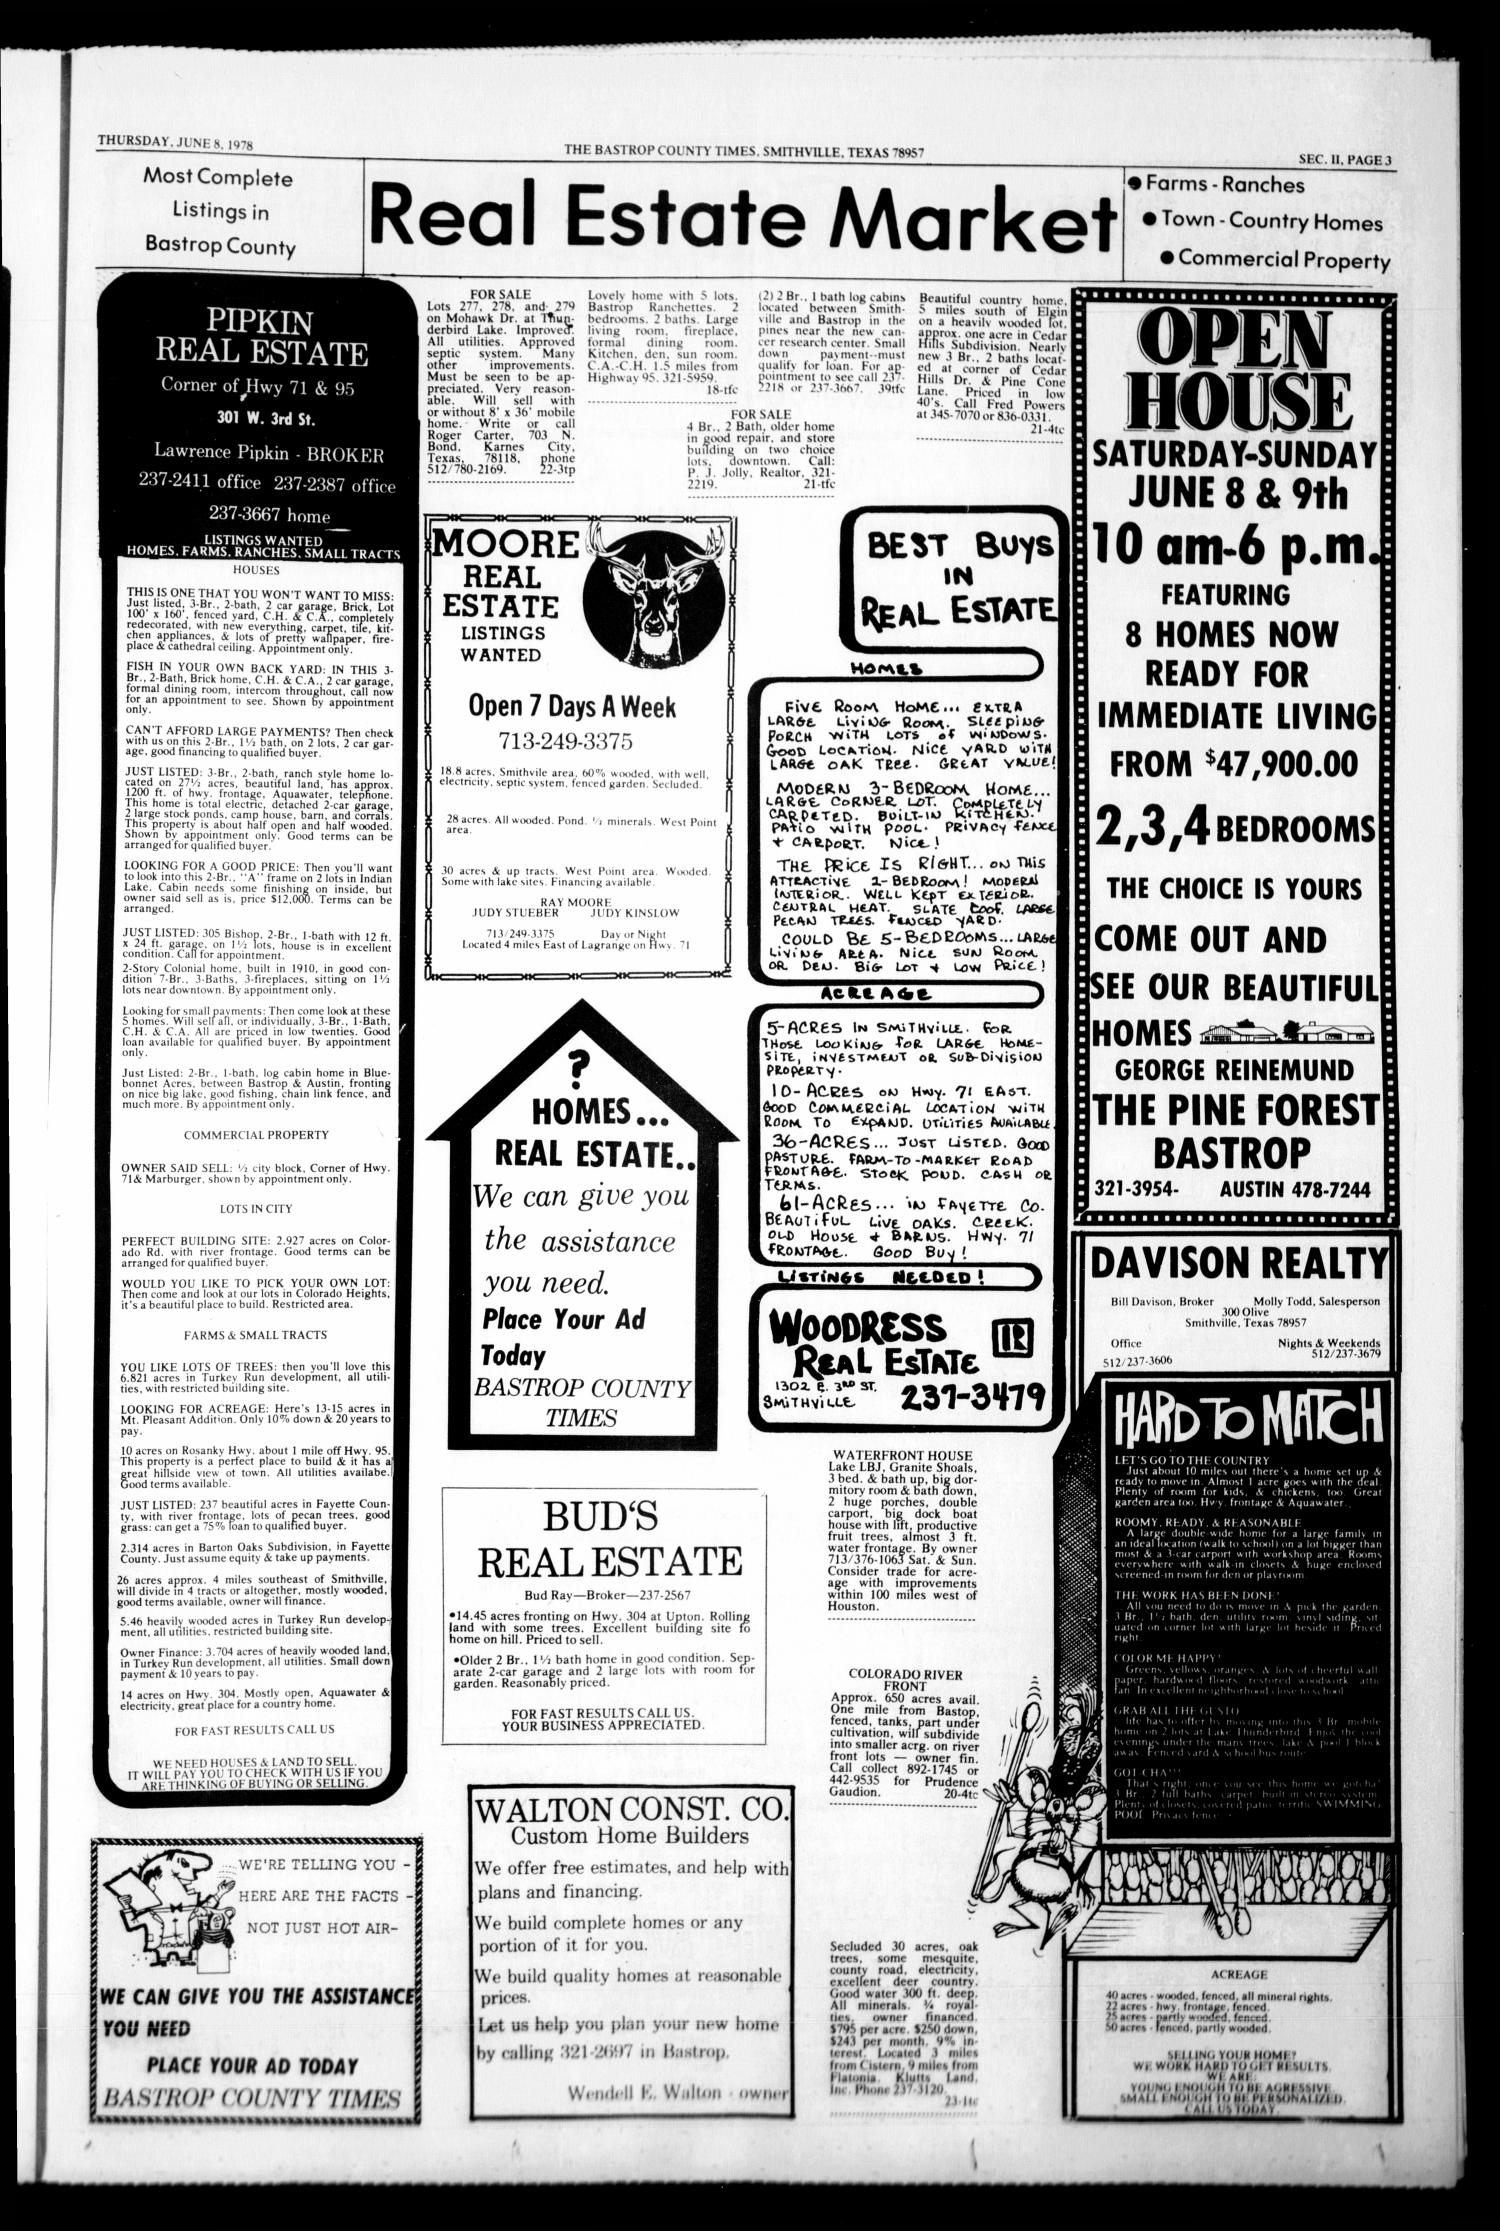 The Bastrop County Times (Bastrop, Tex ), Vol  87, No  23